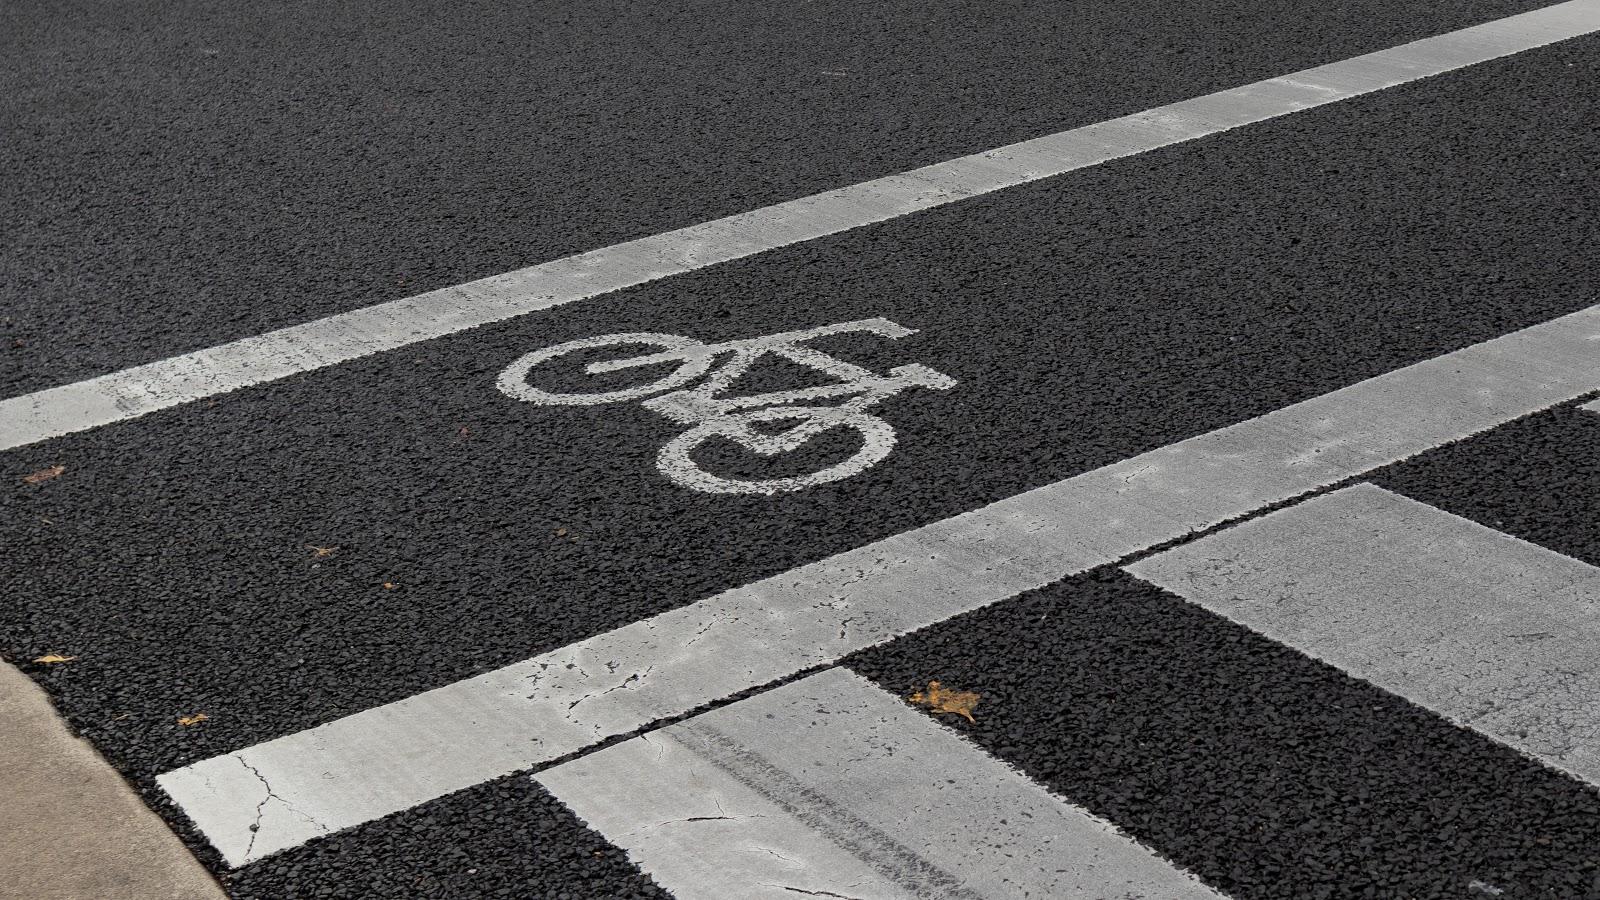 Primer plano de un símbolo de bicicleta en la carretera, que indica un carril bici.